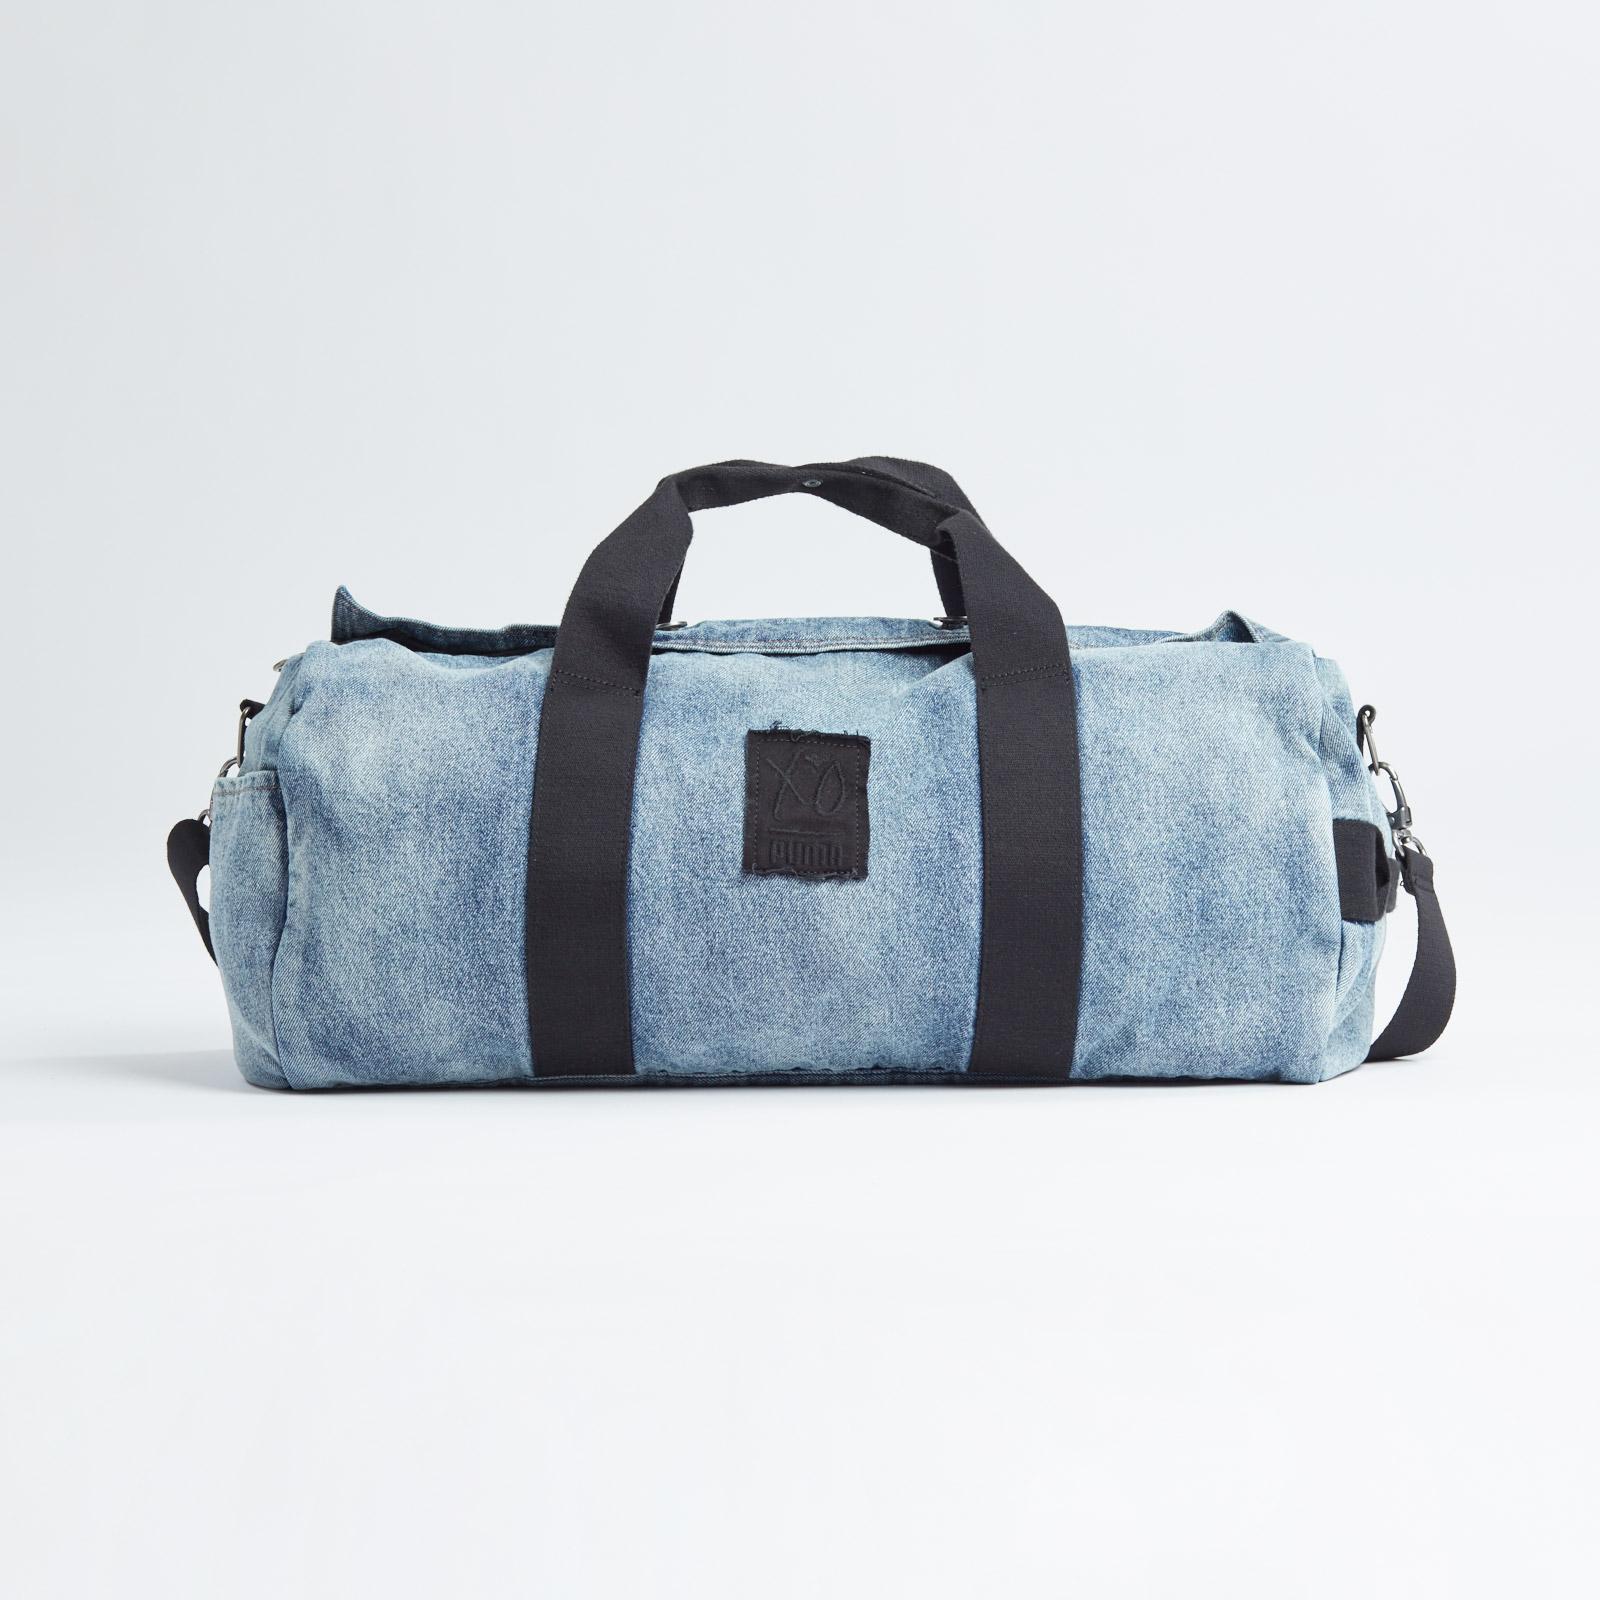 ff35d8ce7c Puma Duffle Bag Uk